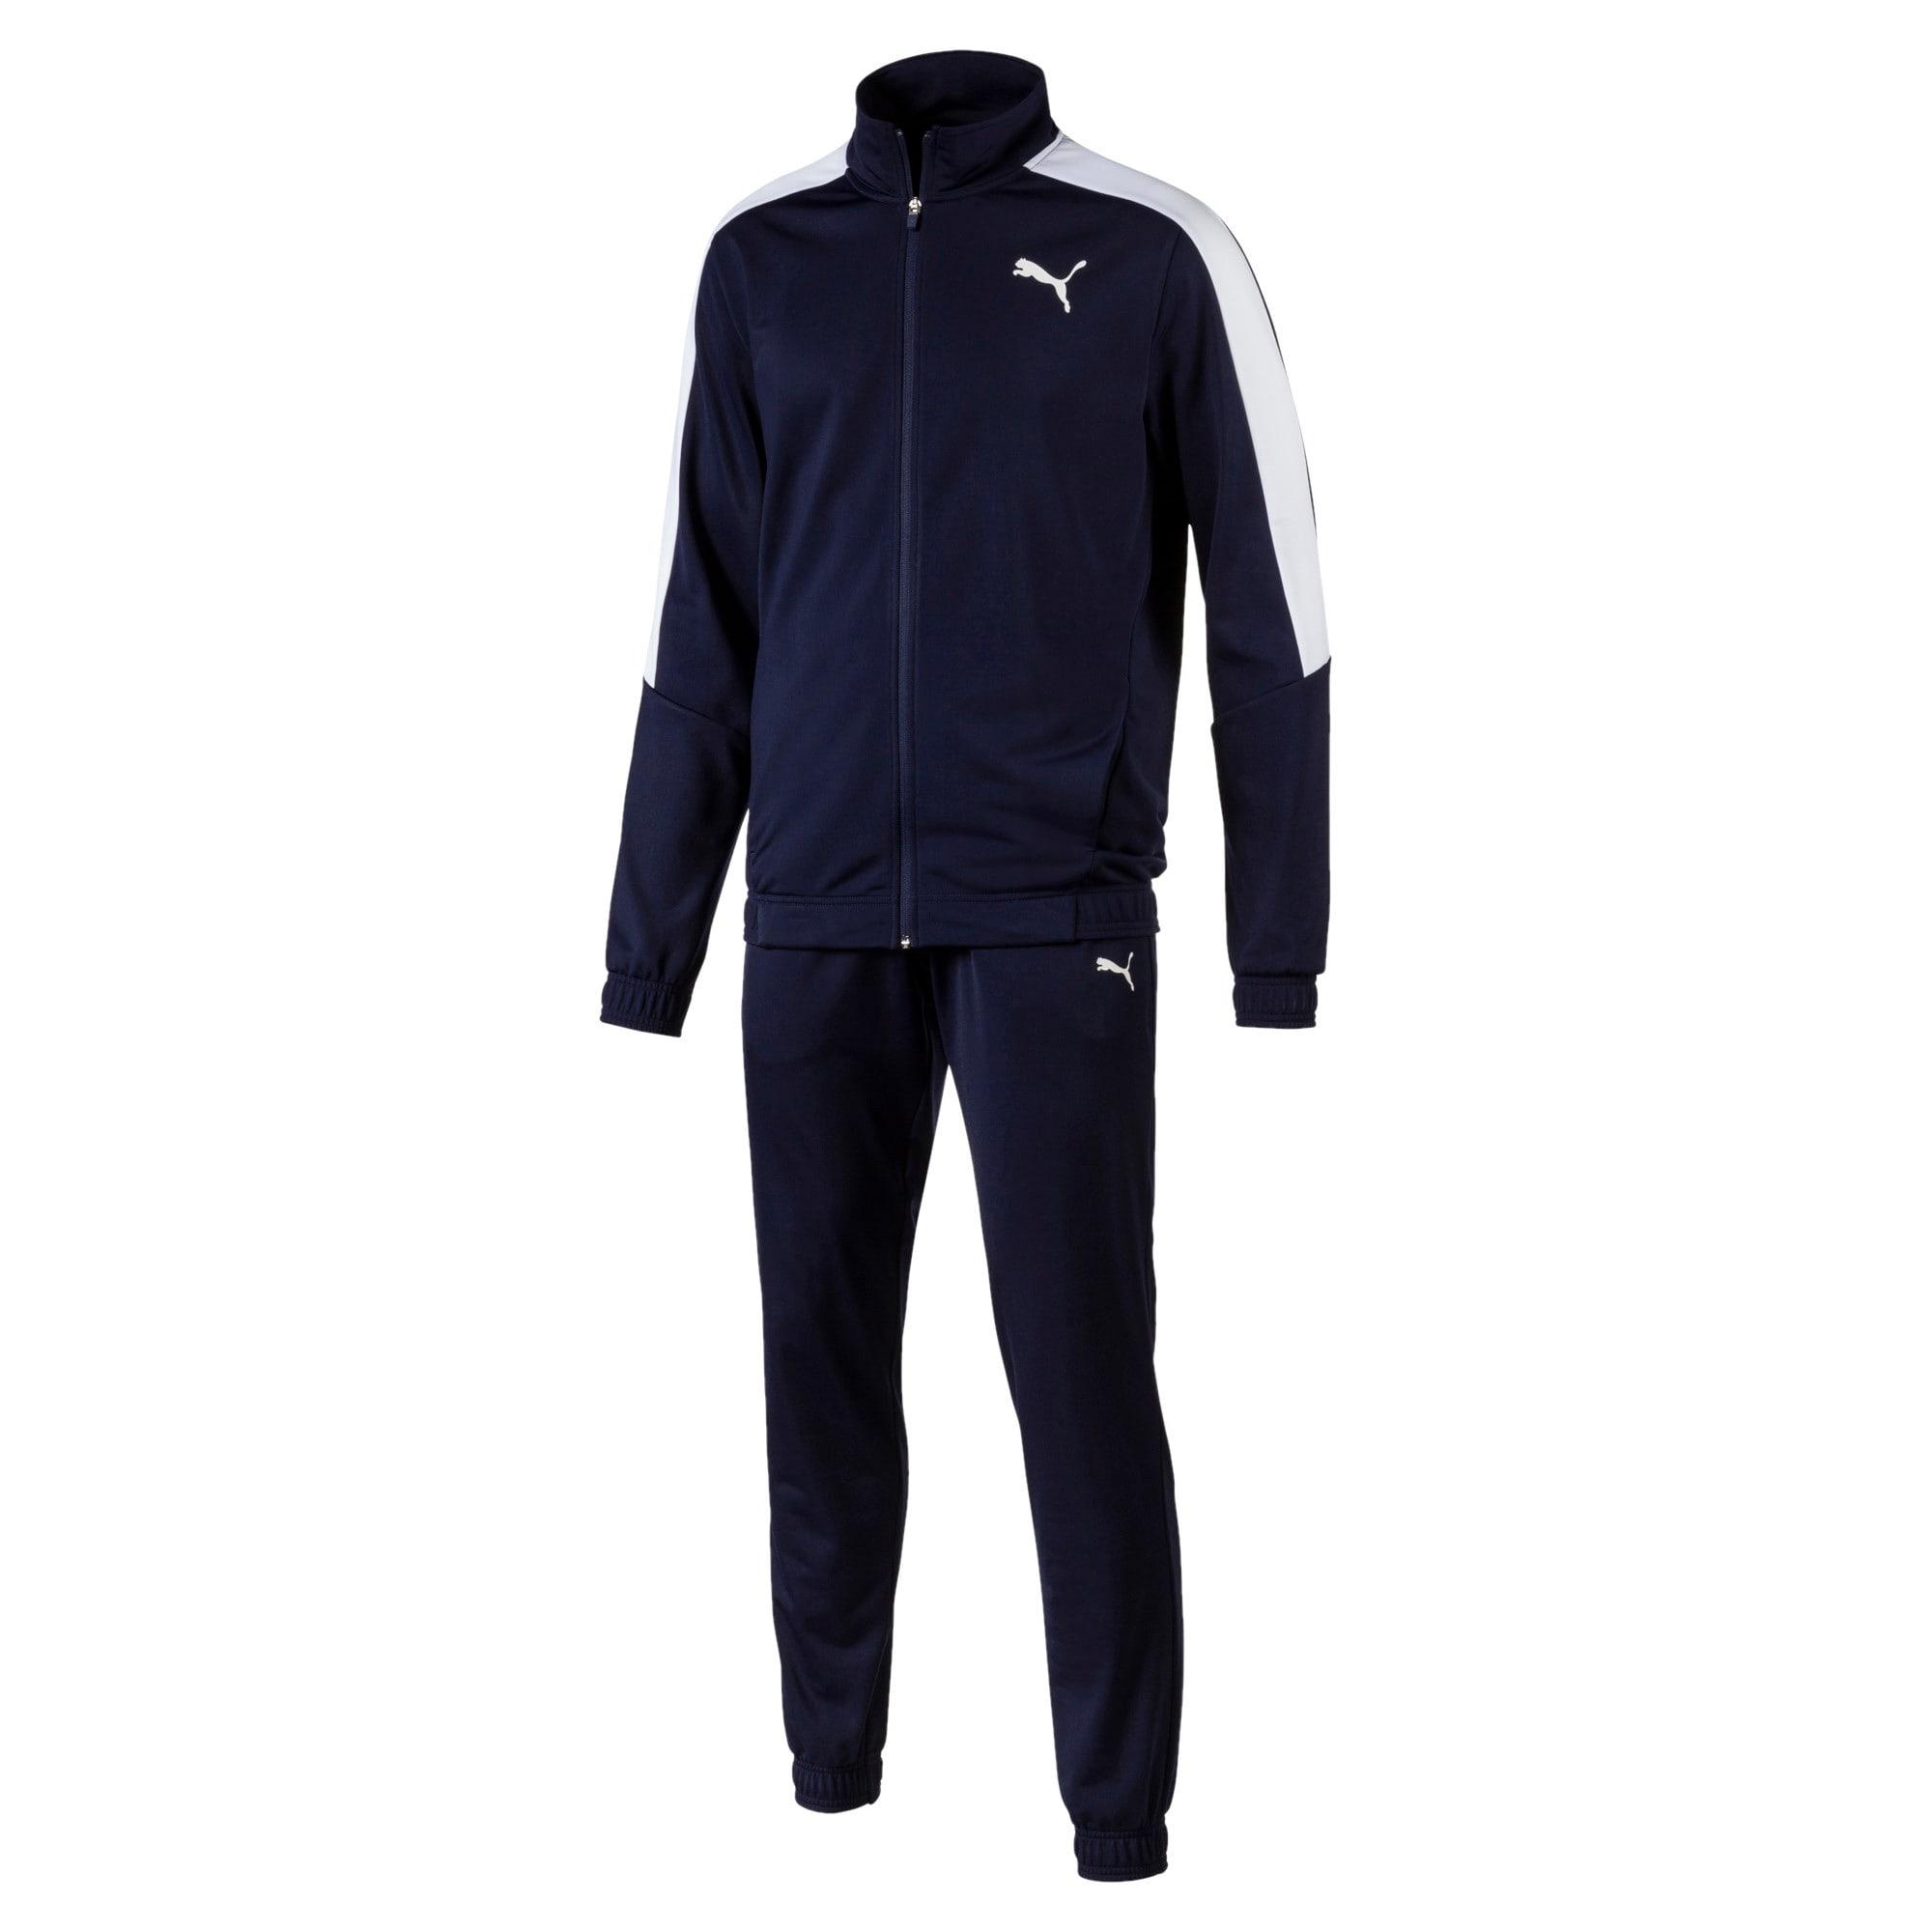 Thumbnail 1 of Classic Tricot Men's Track Suit, Peacoat-Puma White, medium-IND